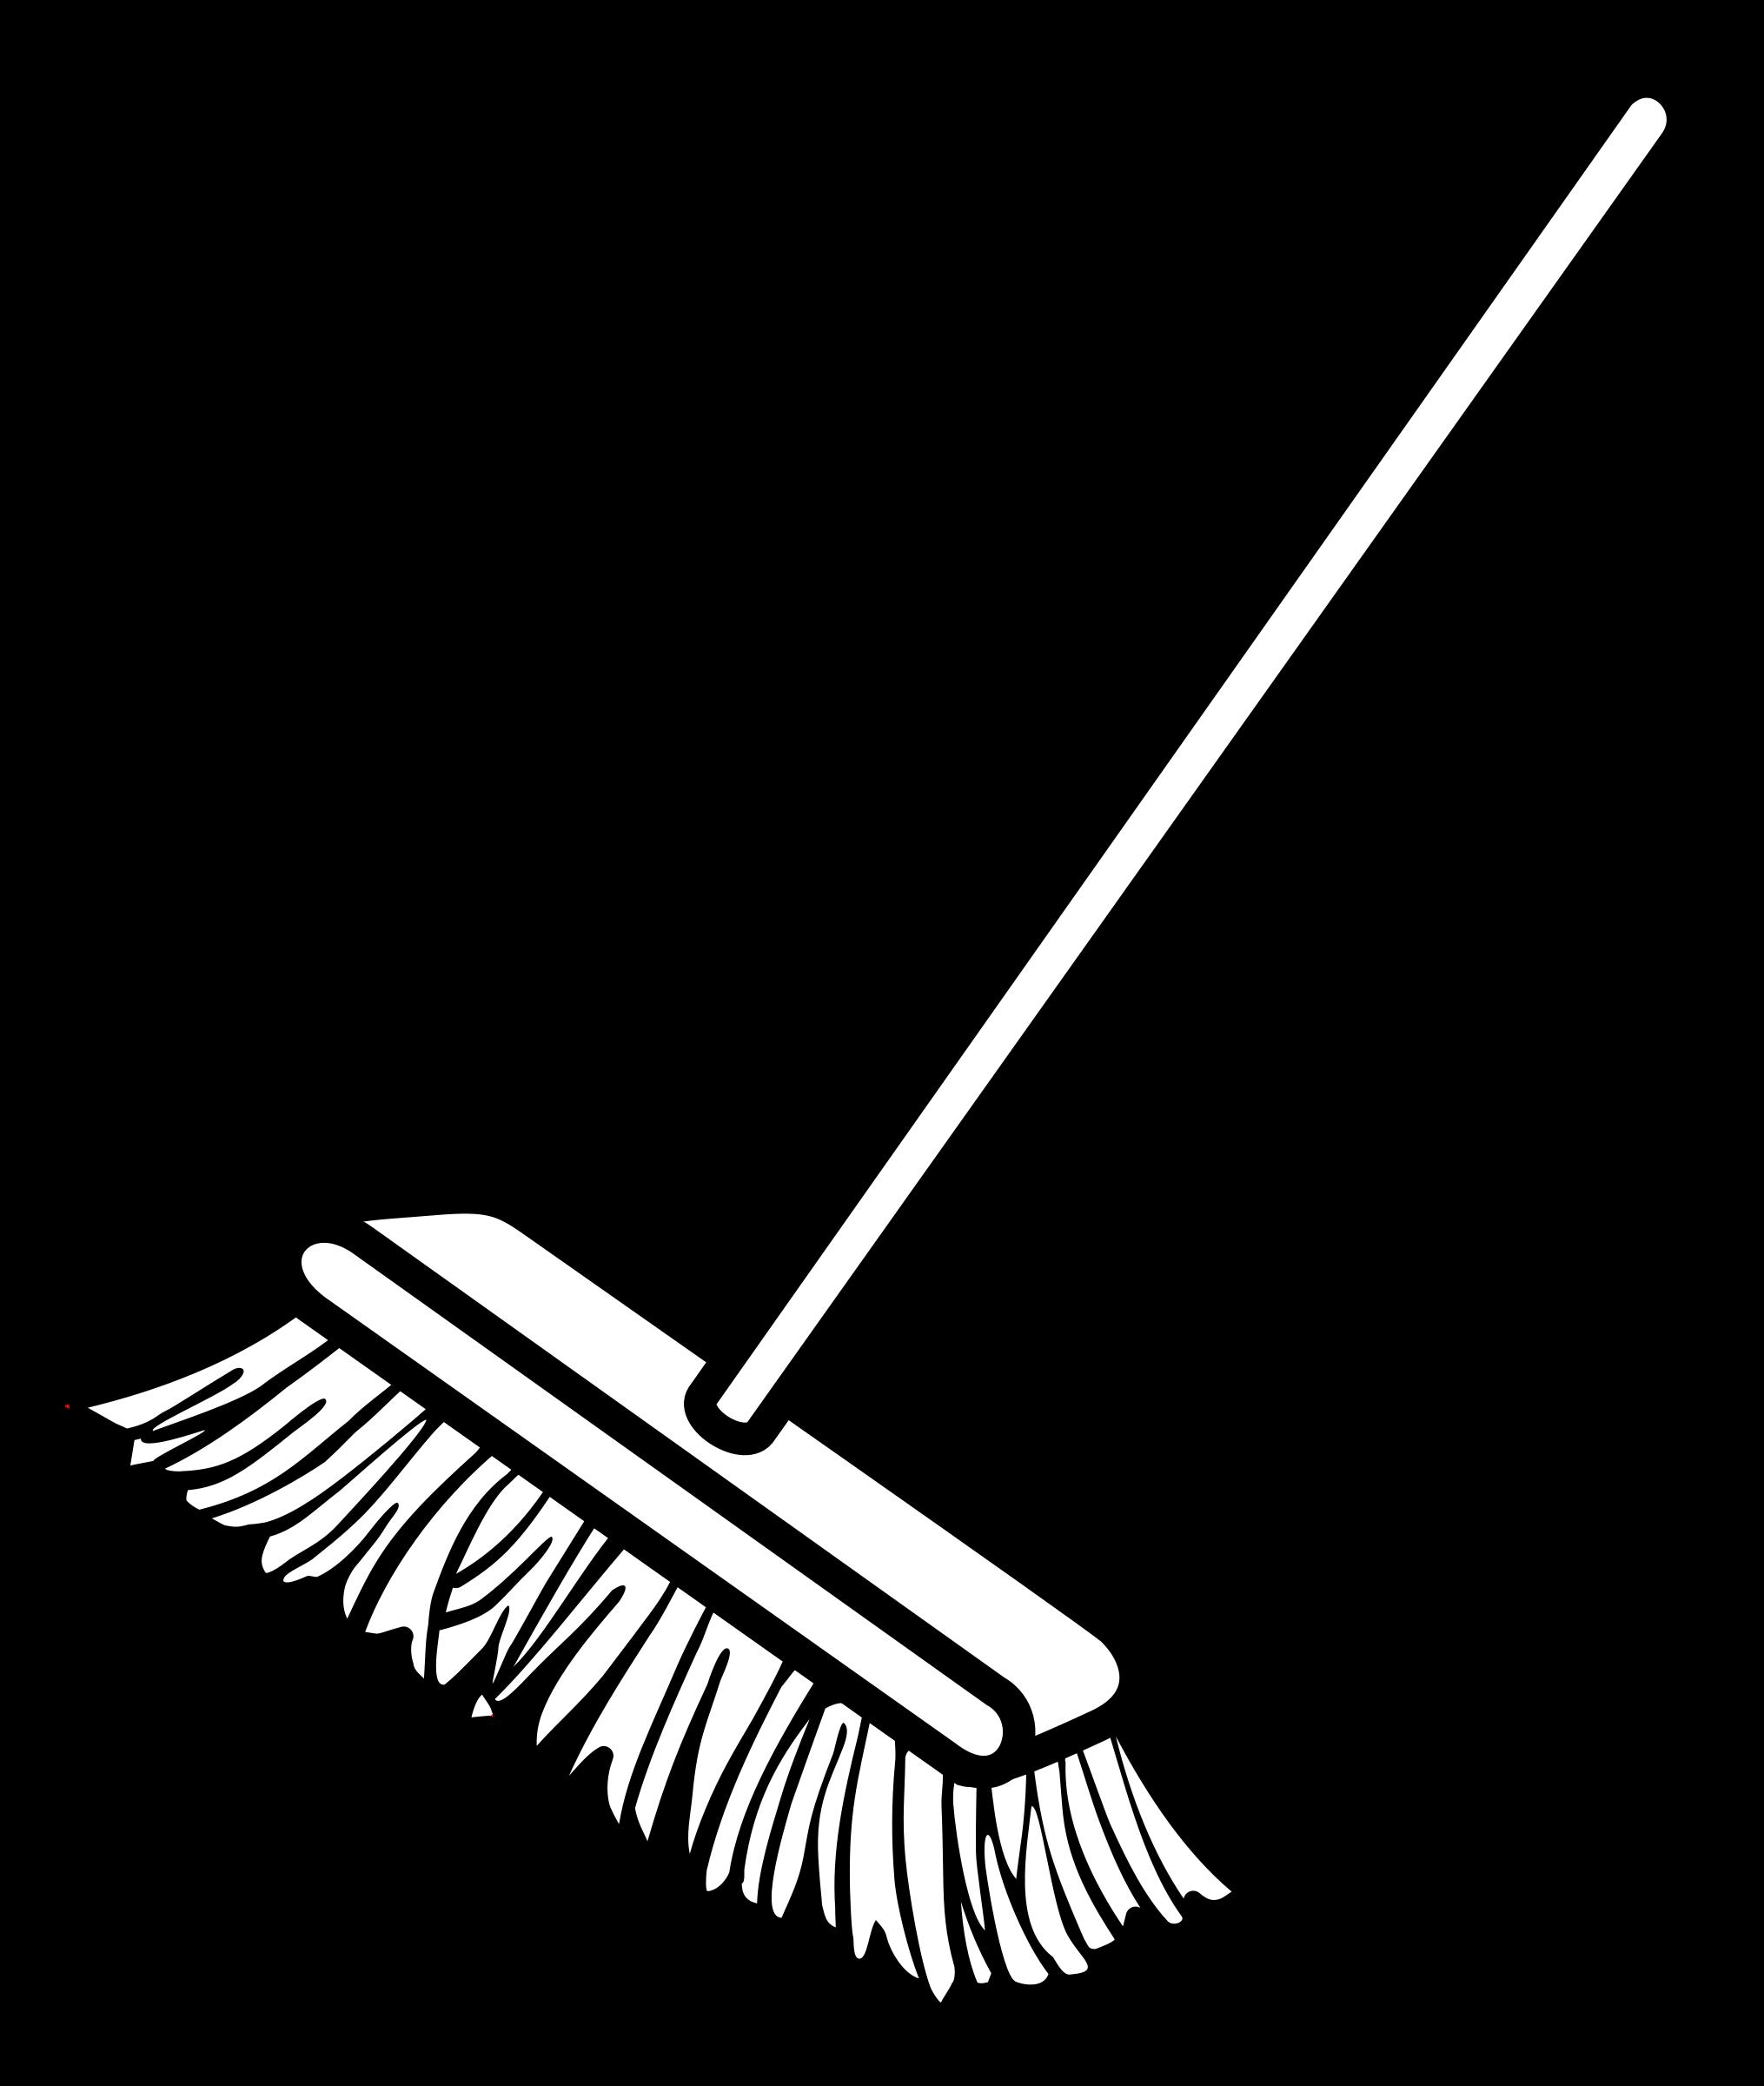 Broom clipart tumundografico-Broom clipart tumundografico-12